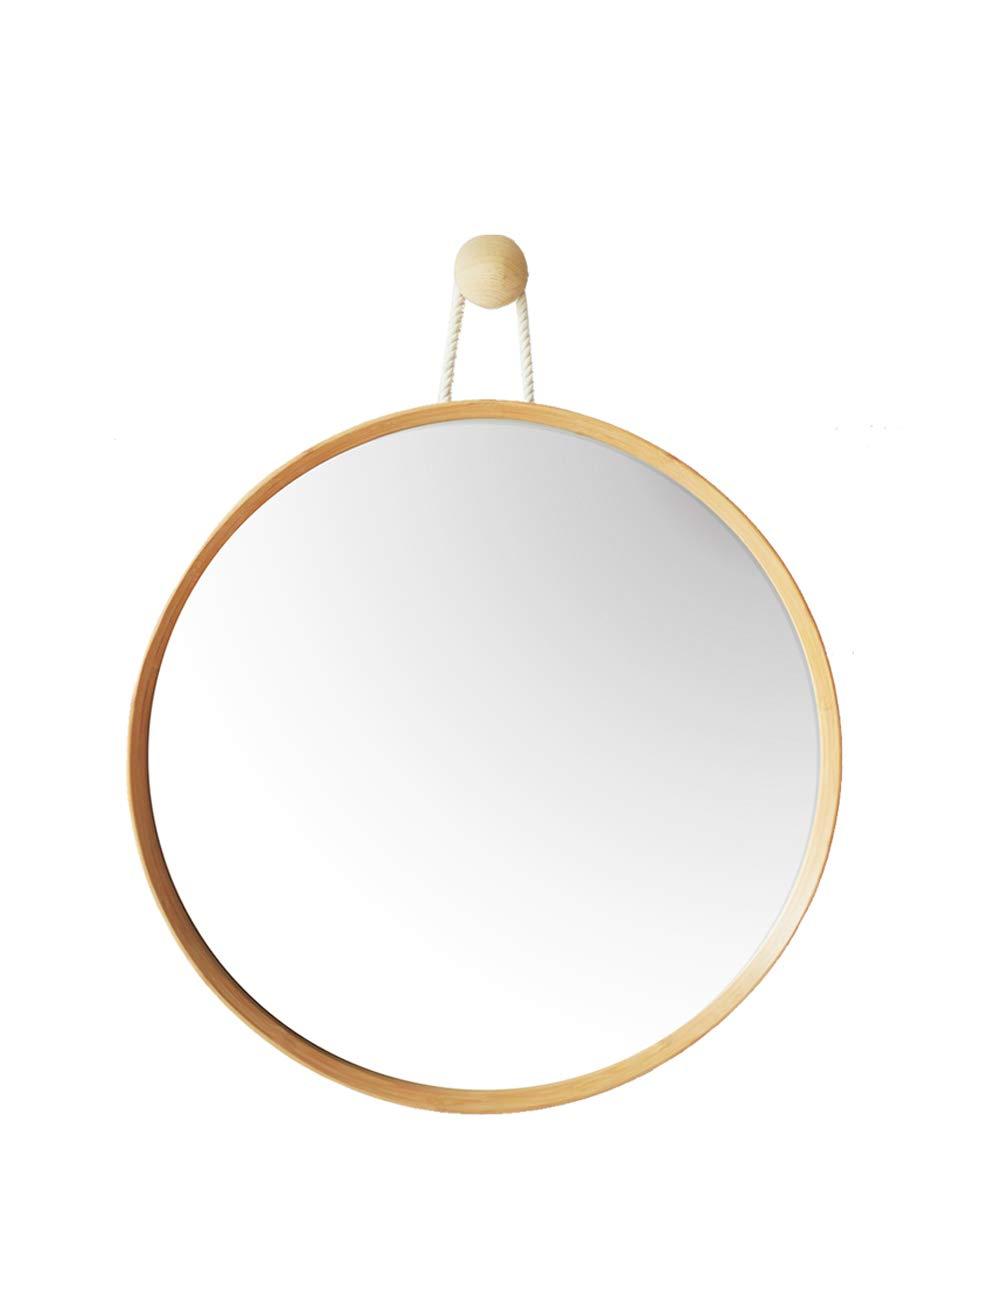 JTWJ 北欧のバスルームミラーラウンド竹製の化粧鏡バニティミラーラウンドミラーの壁のミラー簡単な装飾のミラー   B07QXH3TS1